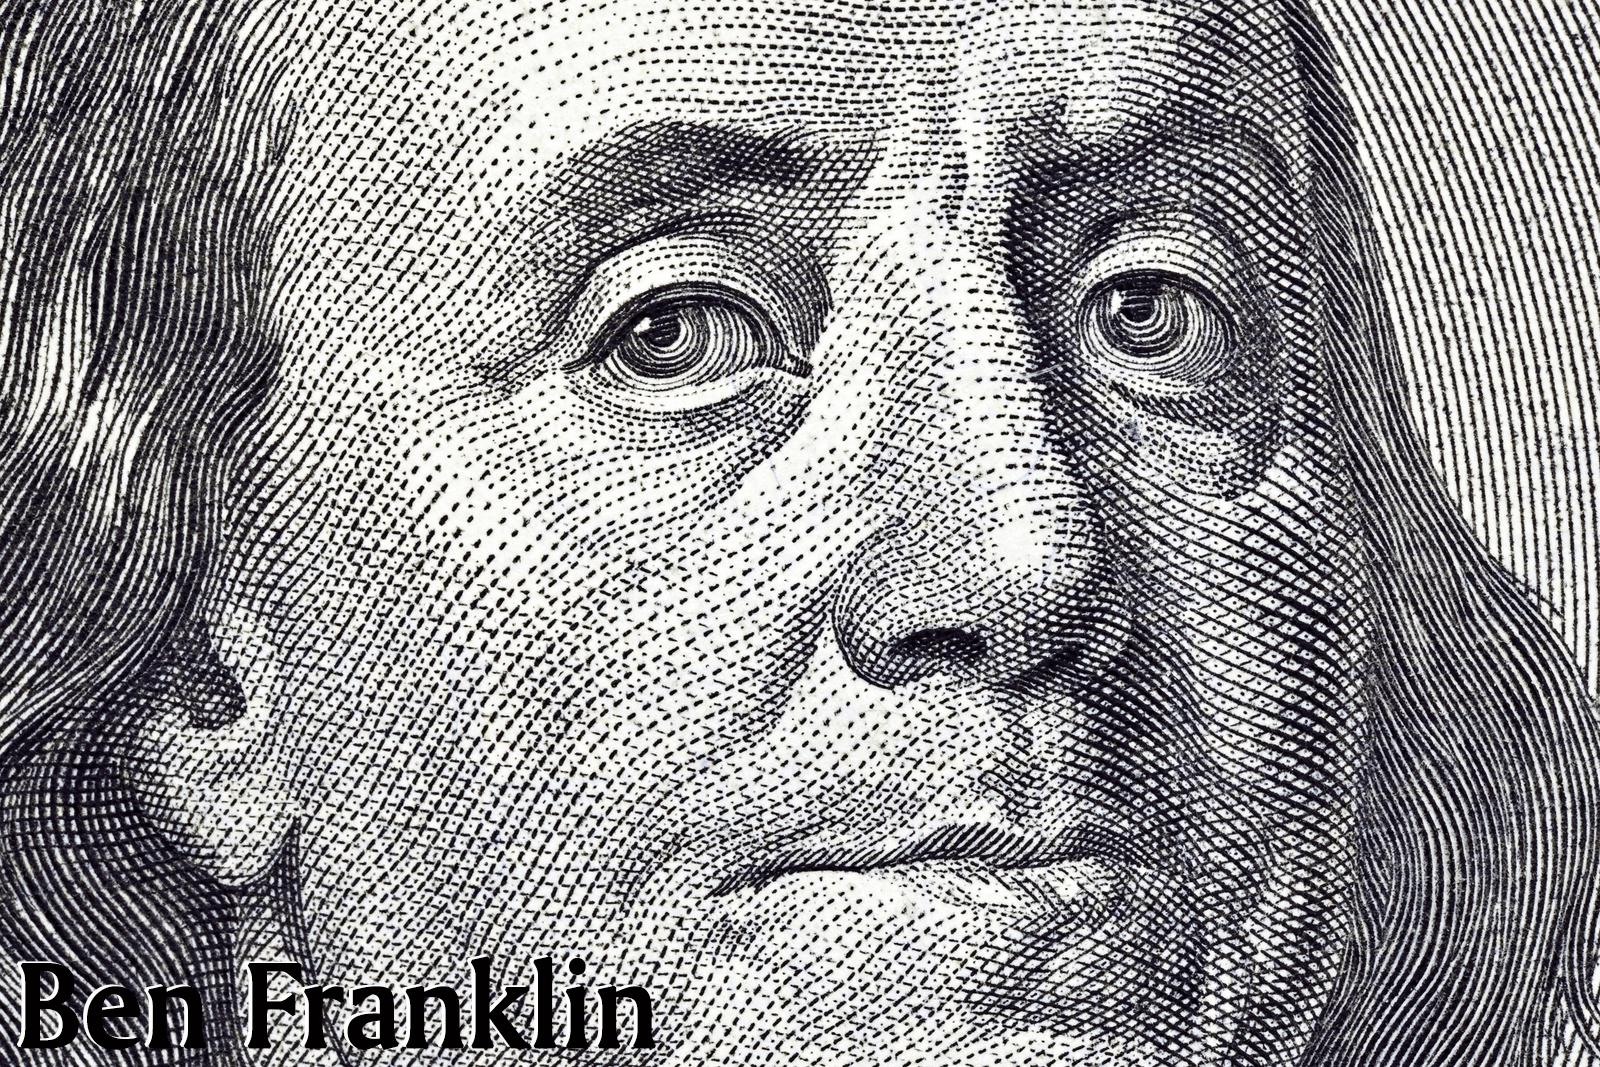 Ben Franklin Resources Surfnetkids